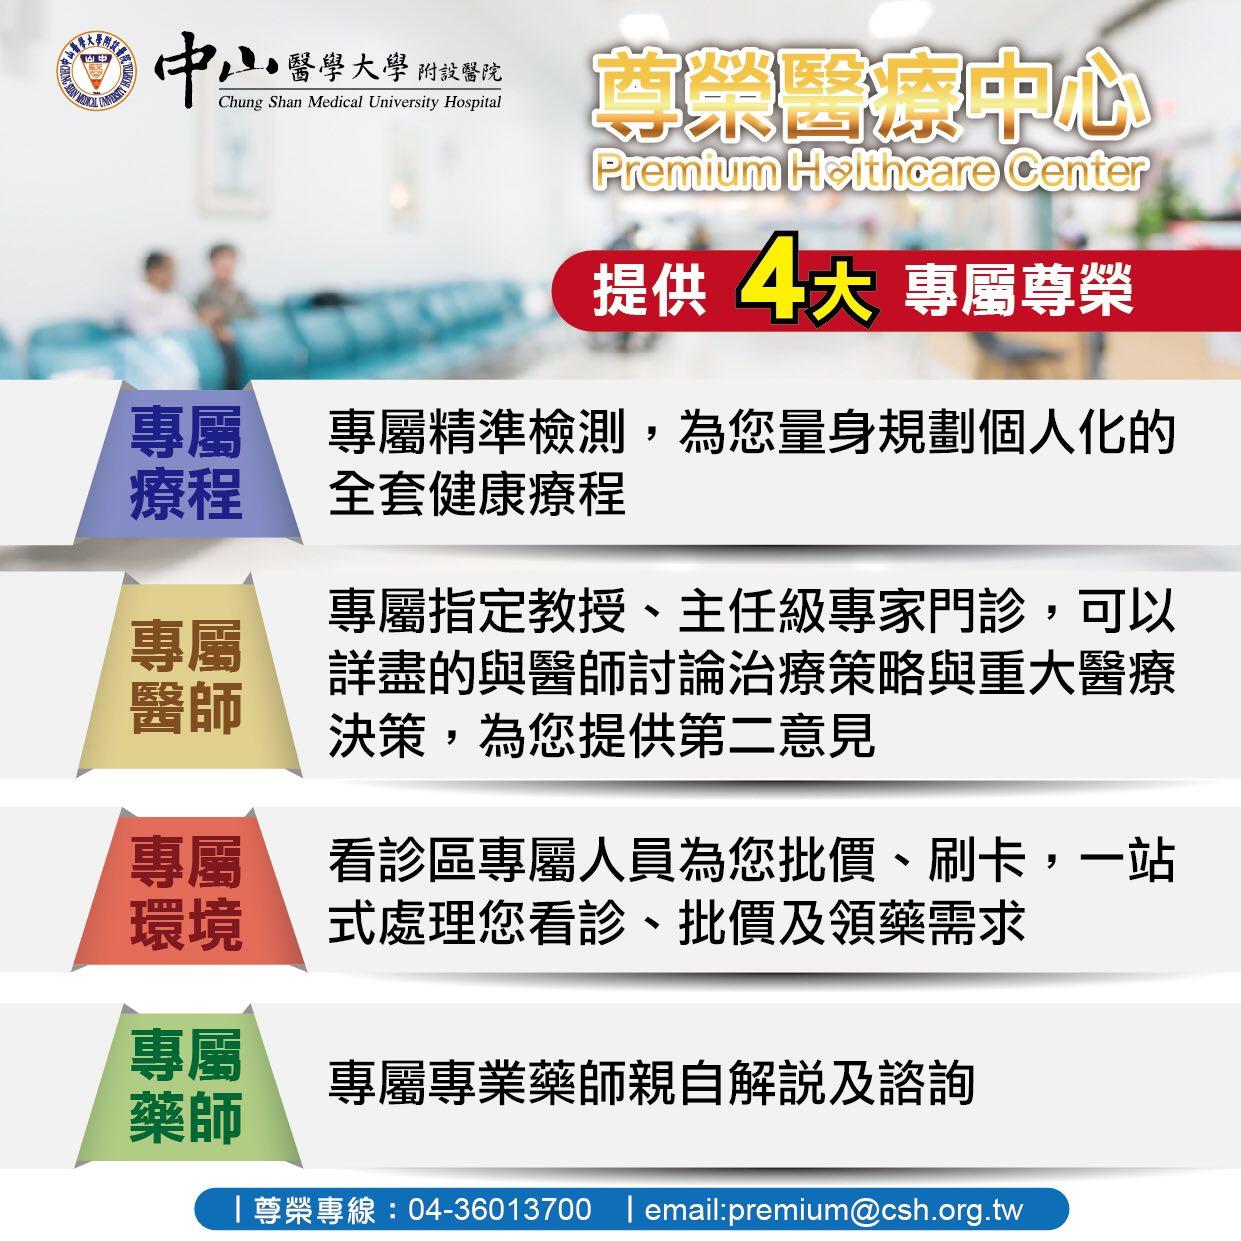 魏正宗醫師的部落格 Dr Wei Blog: 中山醫學大學附設醫院 尊榮醫療中心